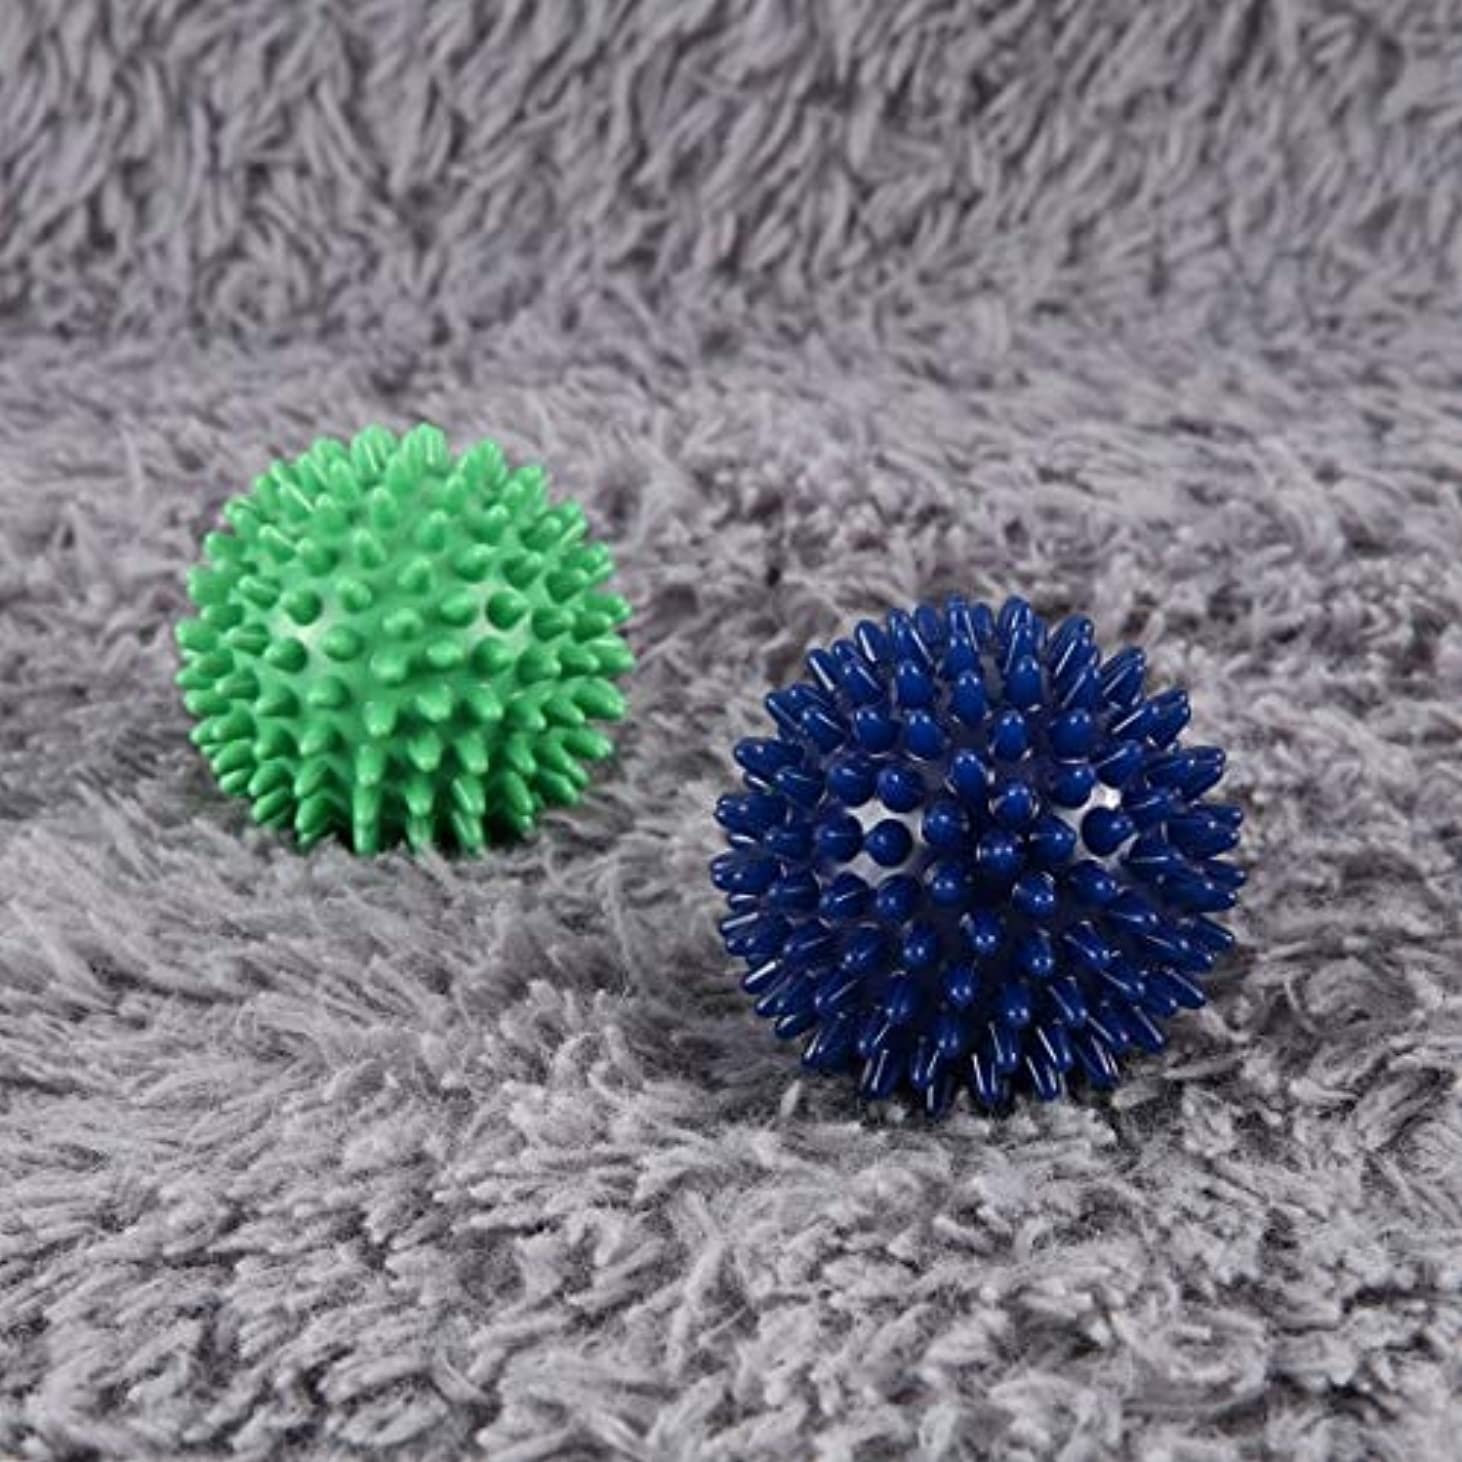 機械十億狭いPVC High Density Spiky Massage Ball Foot Pain & Plantar Fasciitis Reliever Treatment Hedgehog Ball Massage Acupressure...